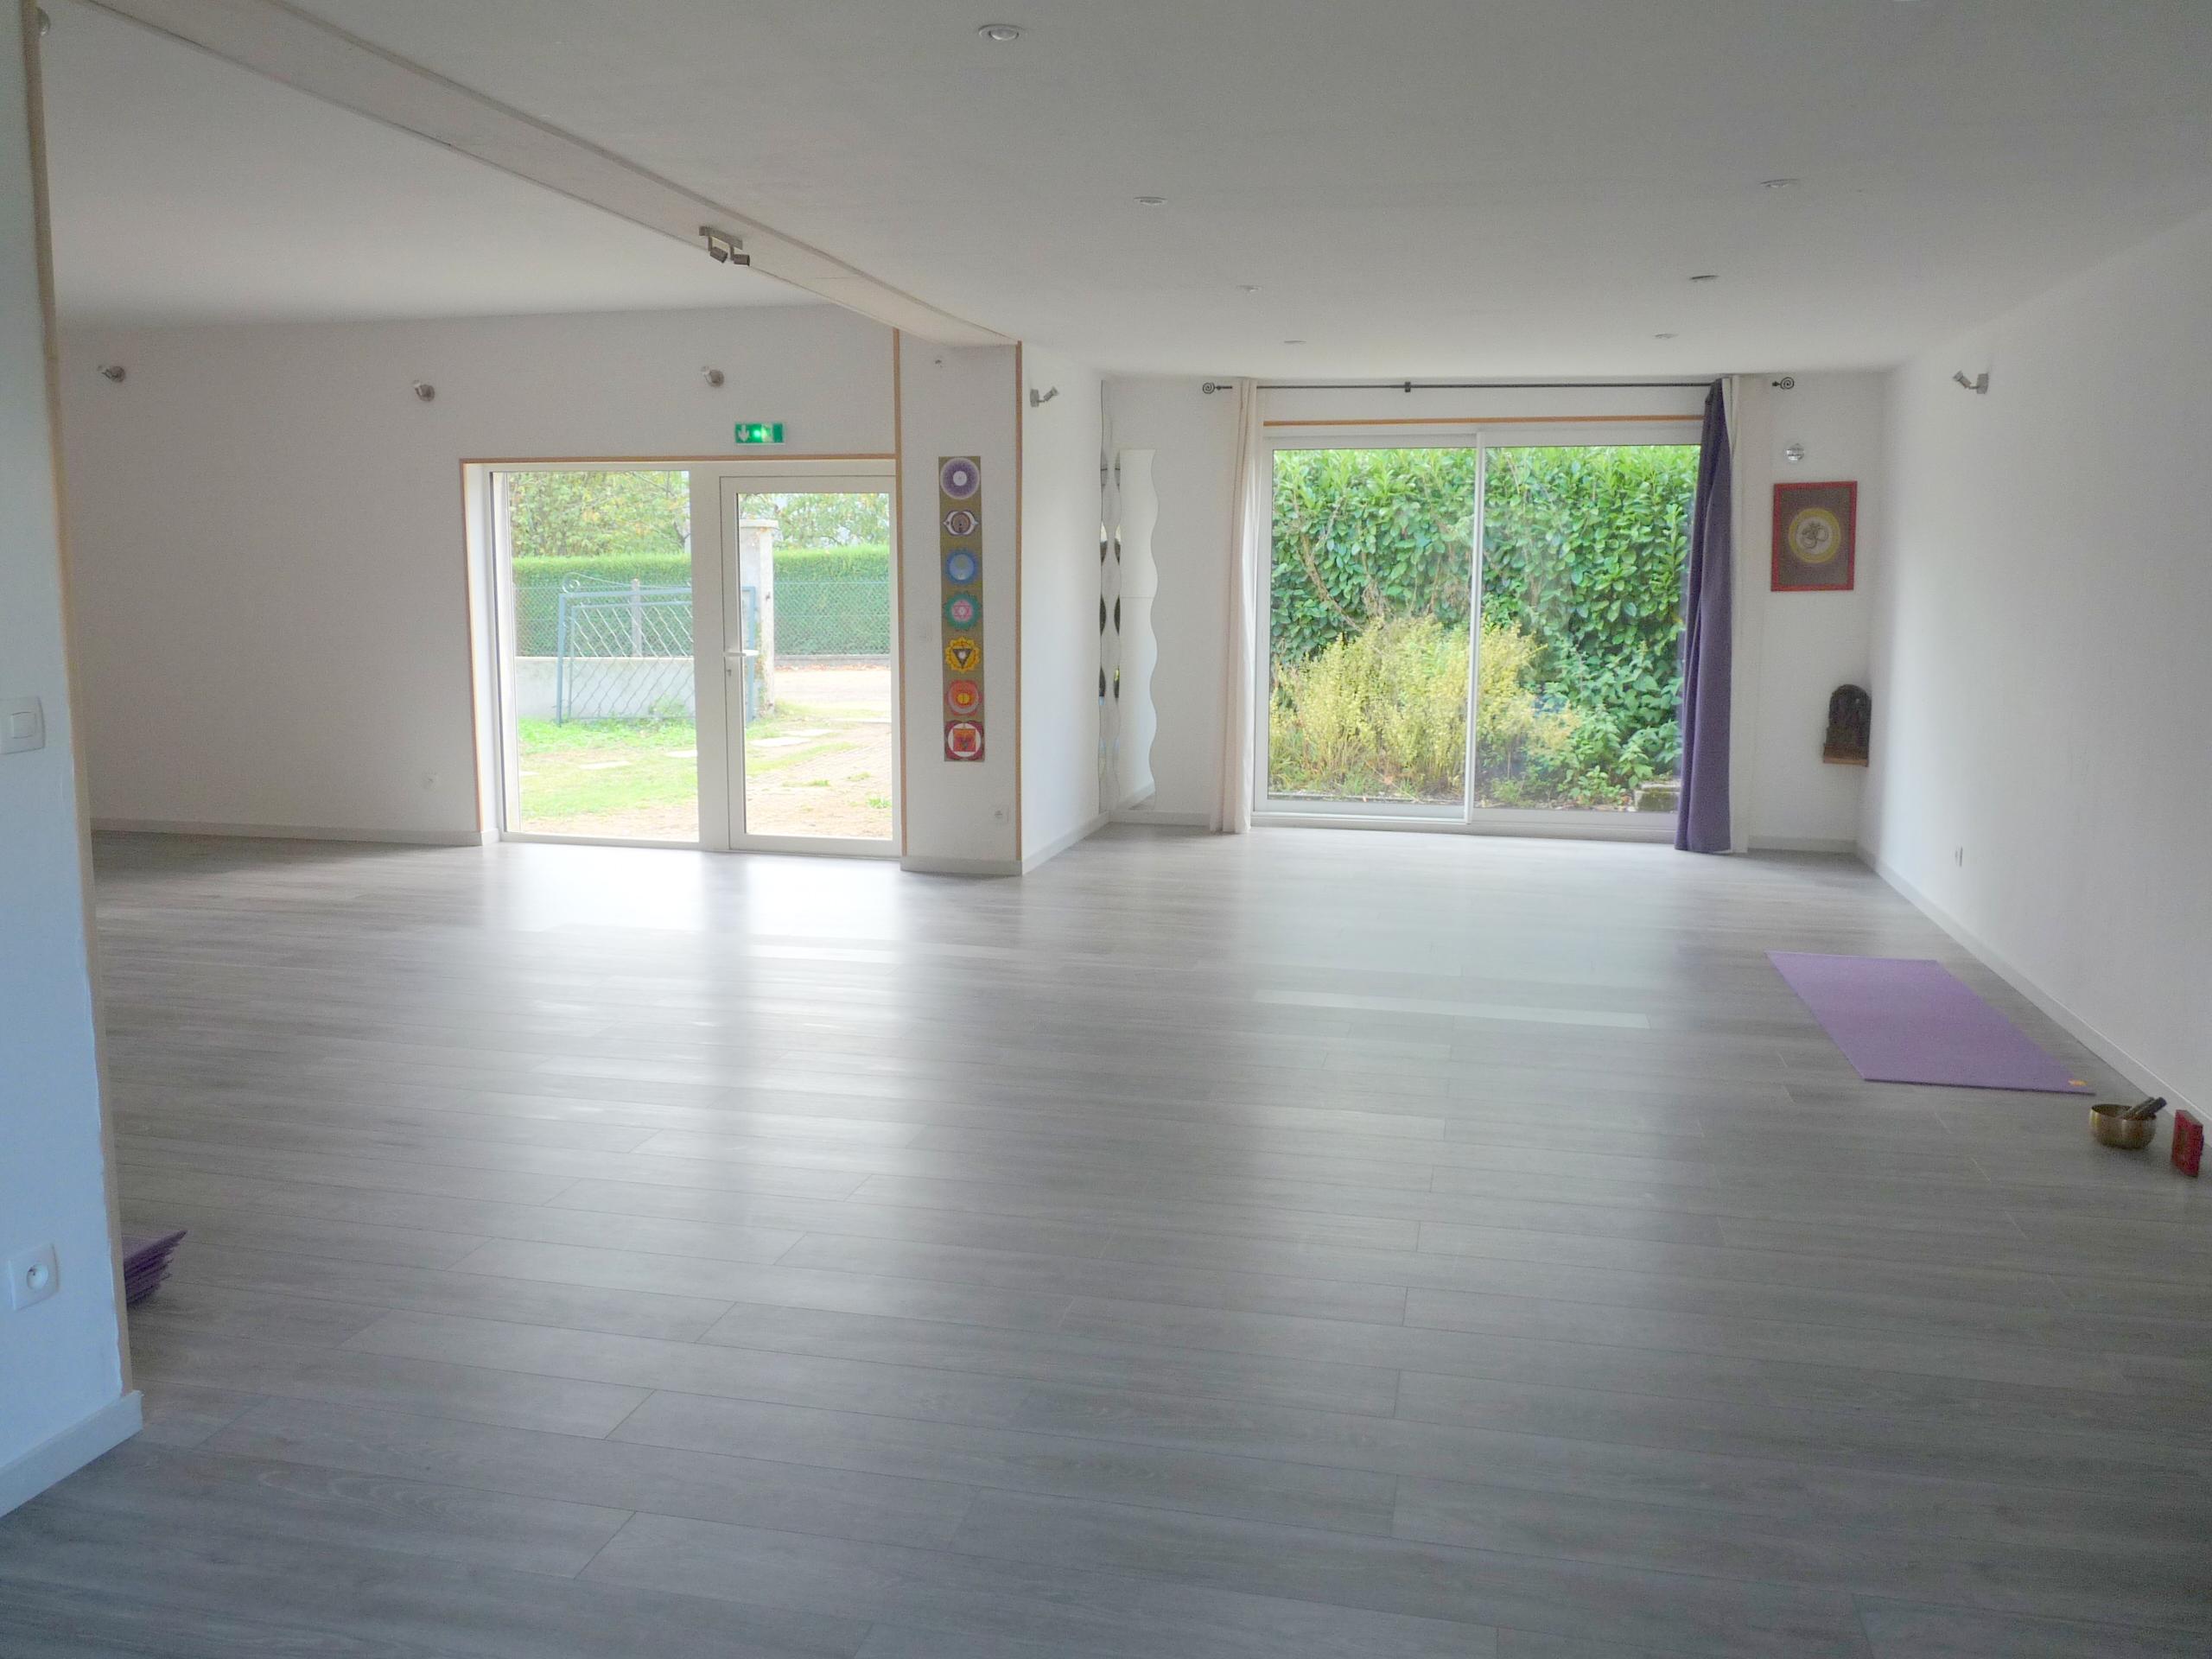 Salle yoga vue mur ouest baies